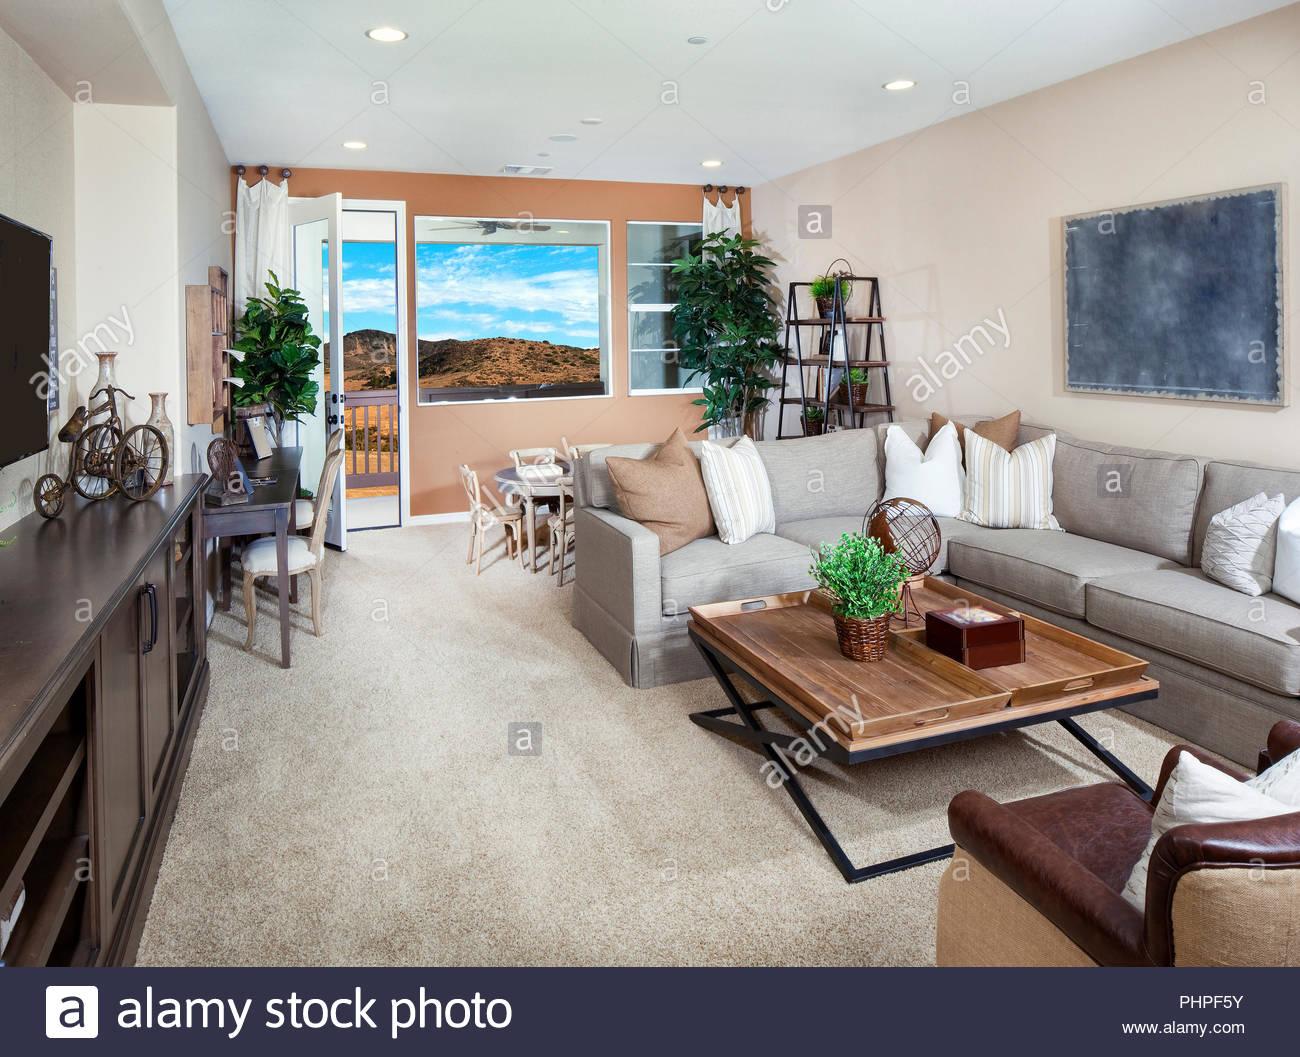 Grigio e marrone a soggiorno Immagini Stock